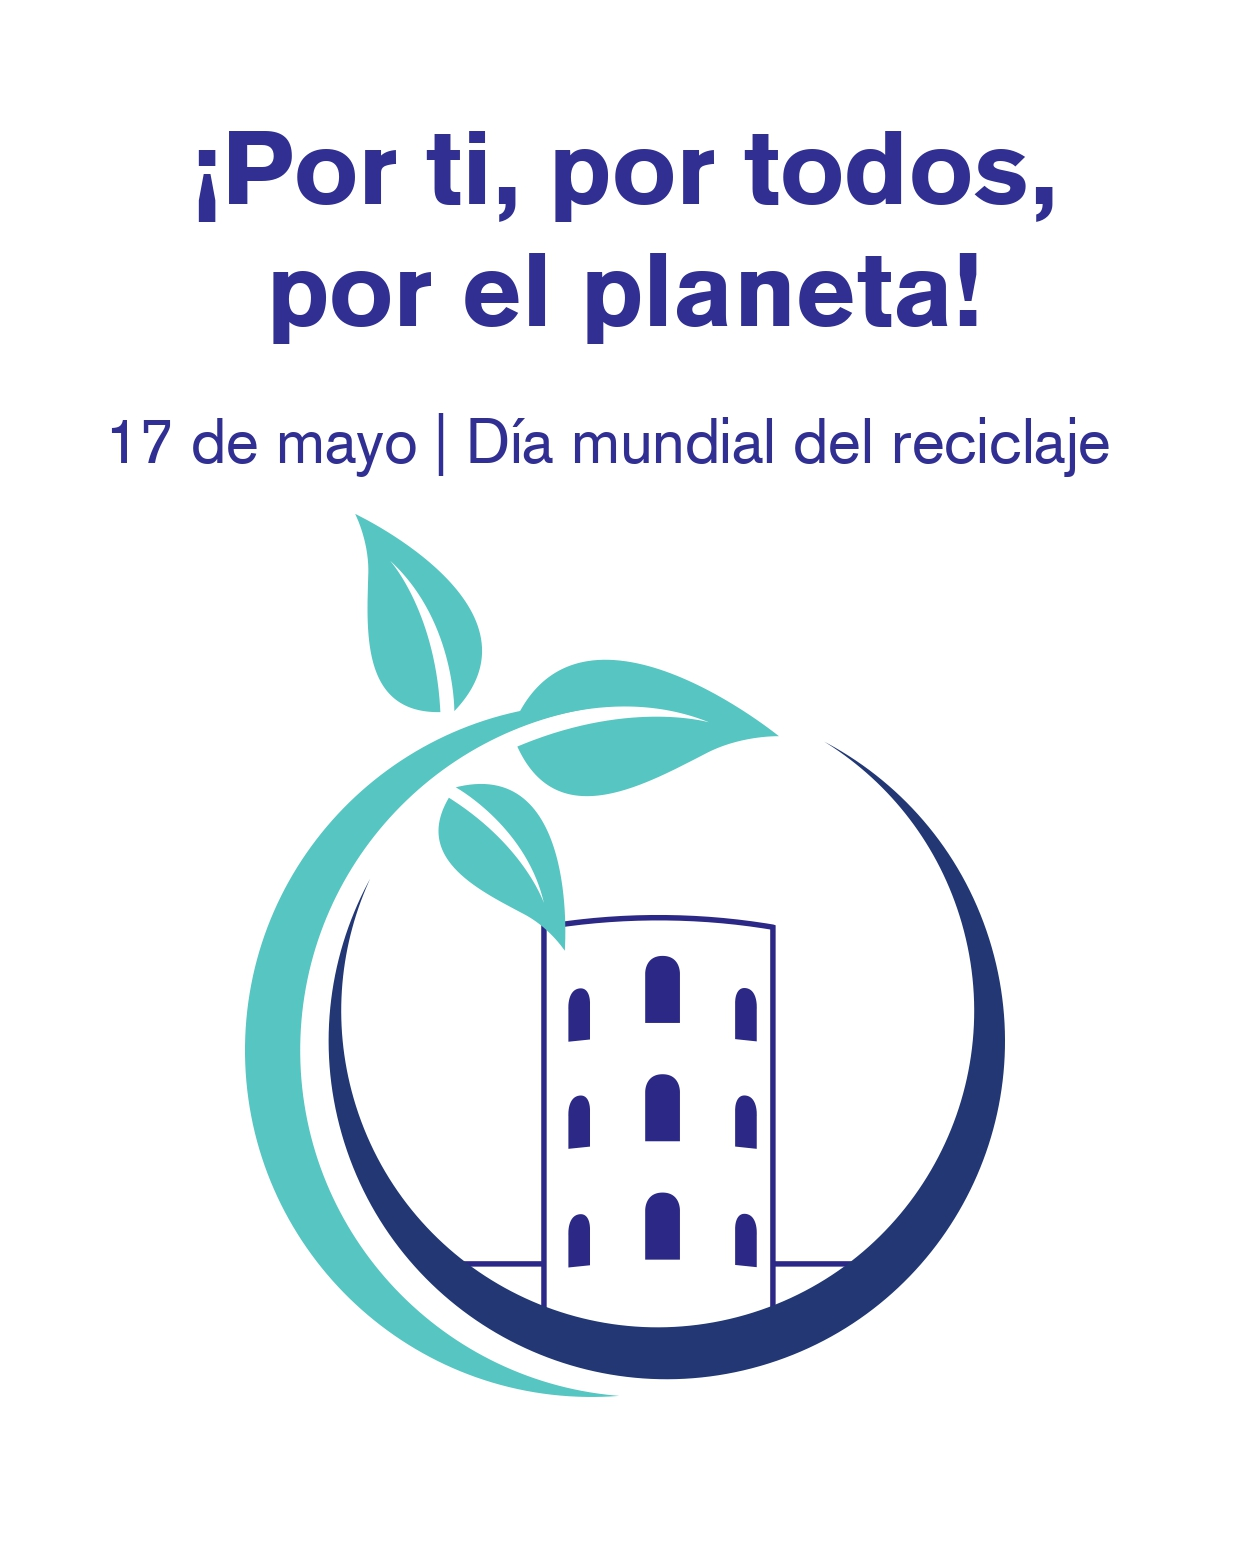 El Port de Sitges preserva el medio ambiente